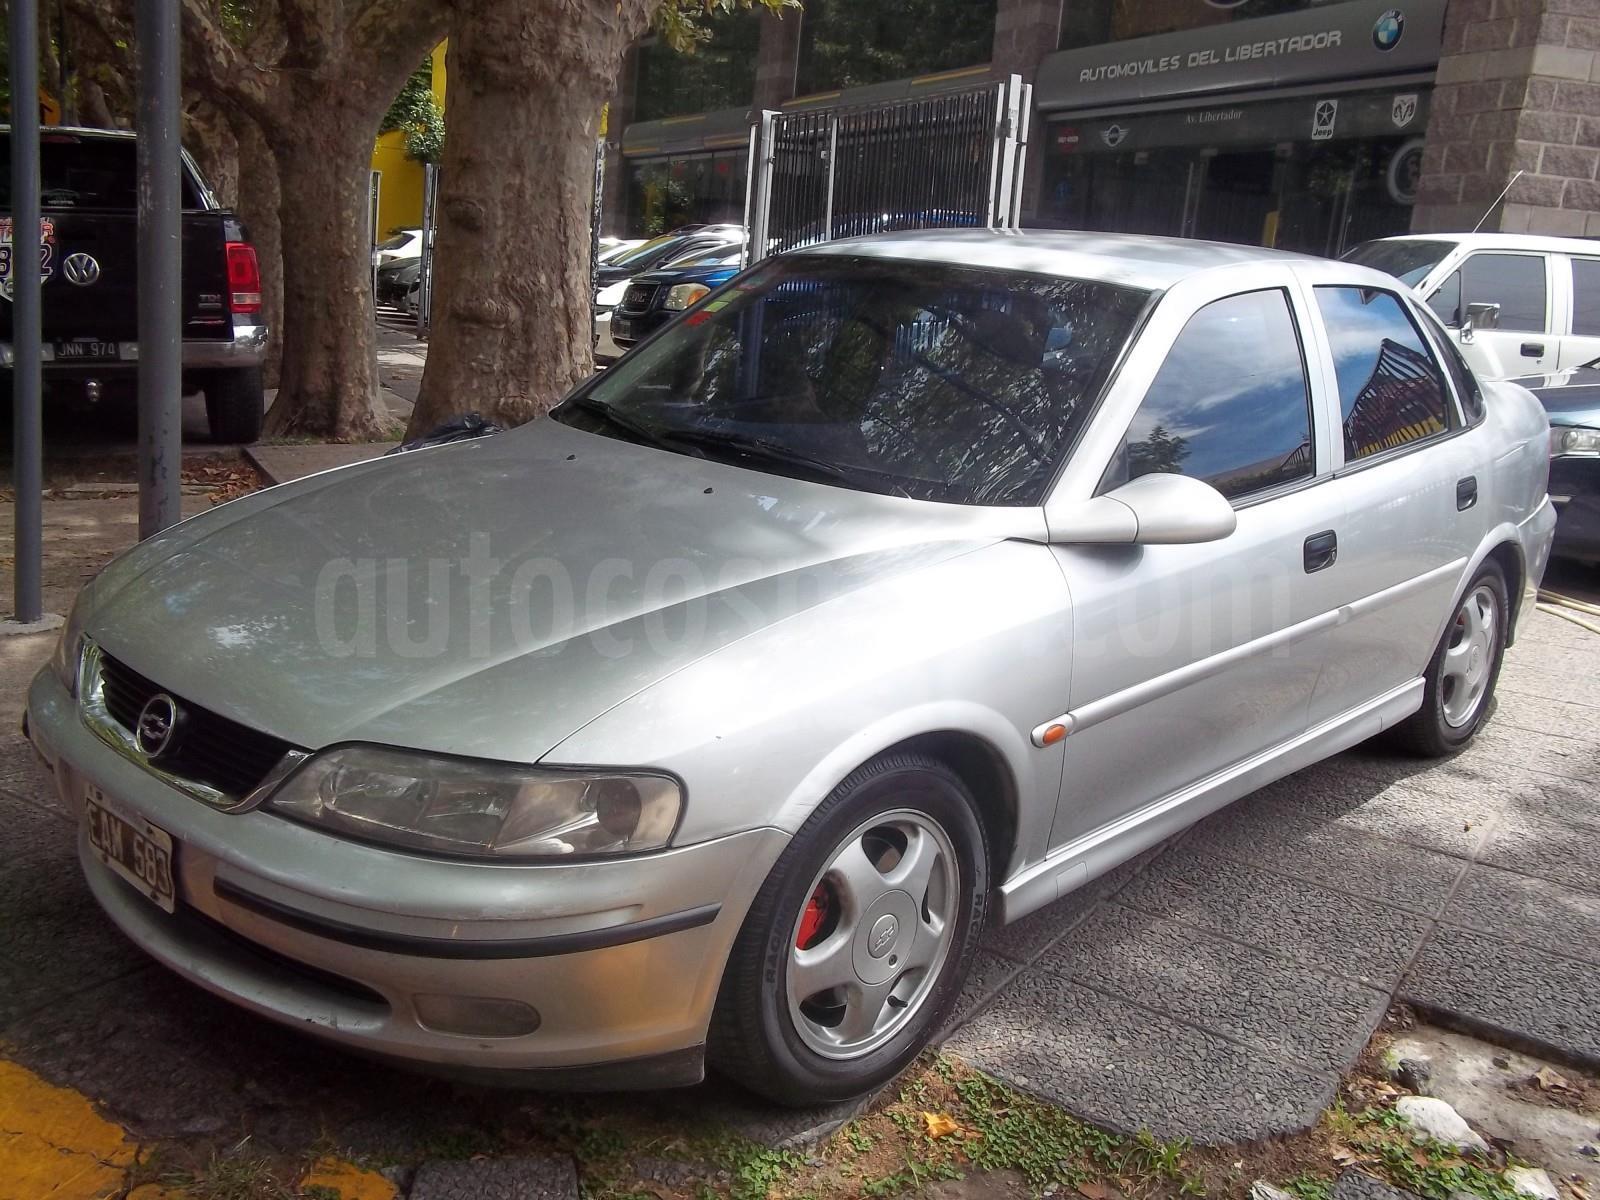 Venta Autos Usado Buenos Aires Gba Chevrolet Vectra 2 0 Cd